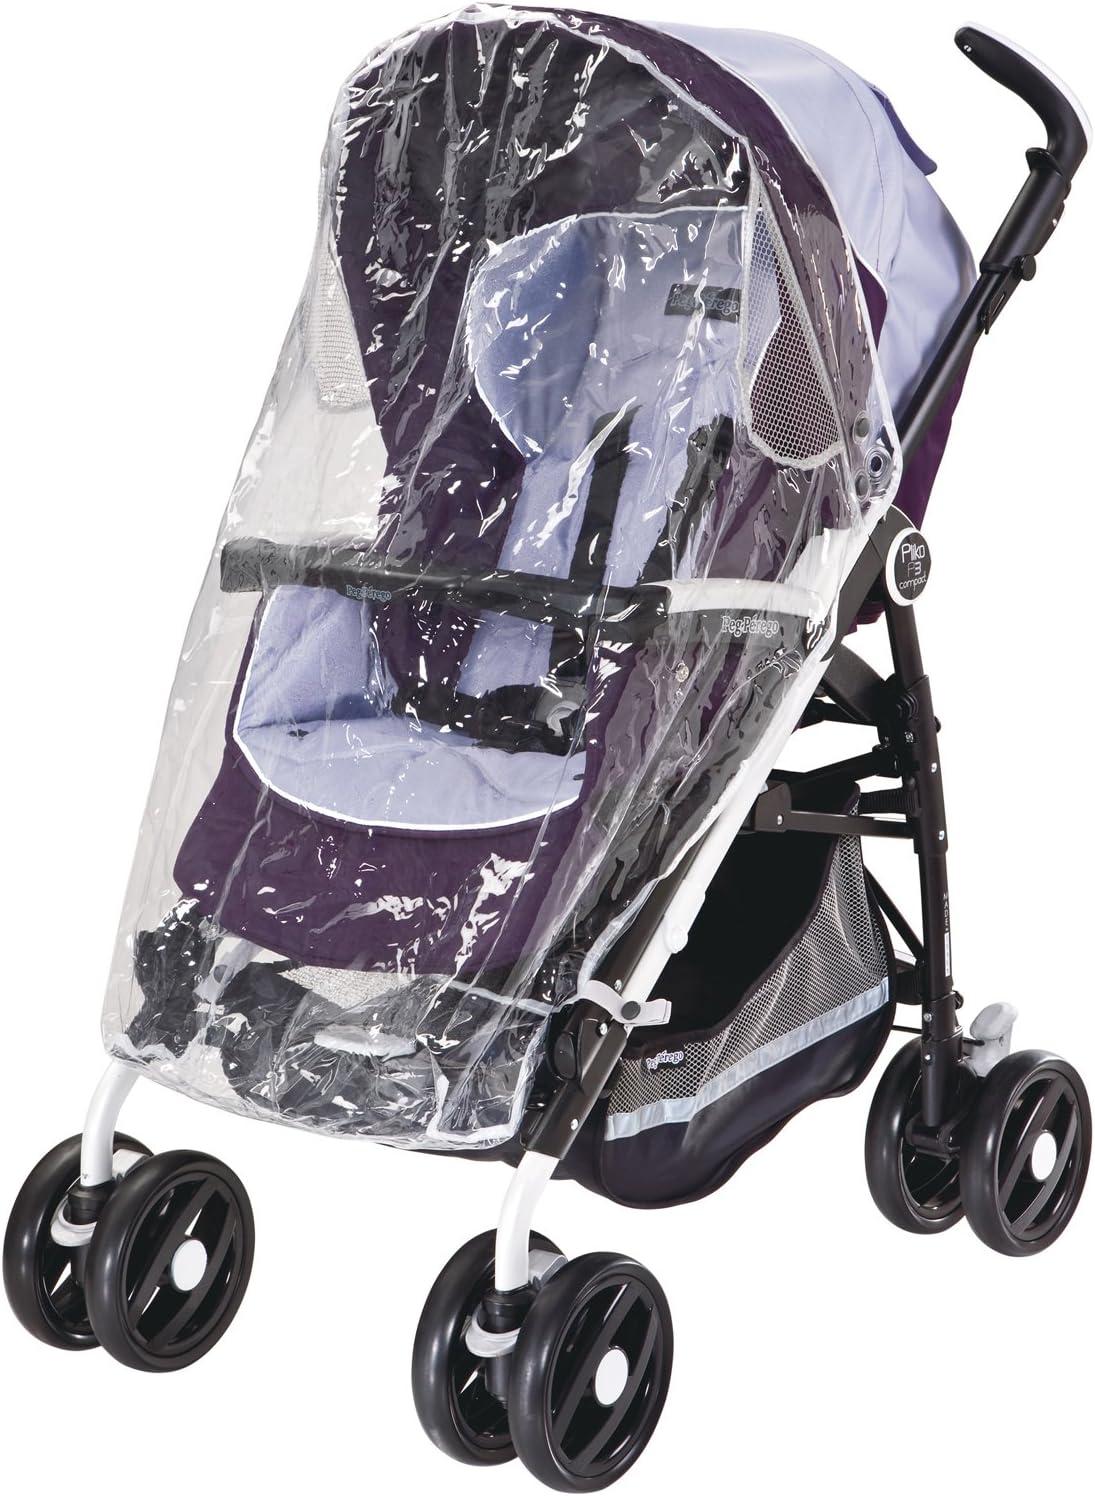 Protector de lluvia para silla de paseo Peg Perego IABELV0008